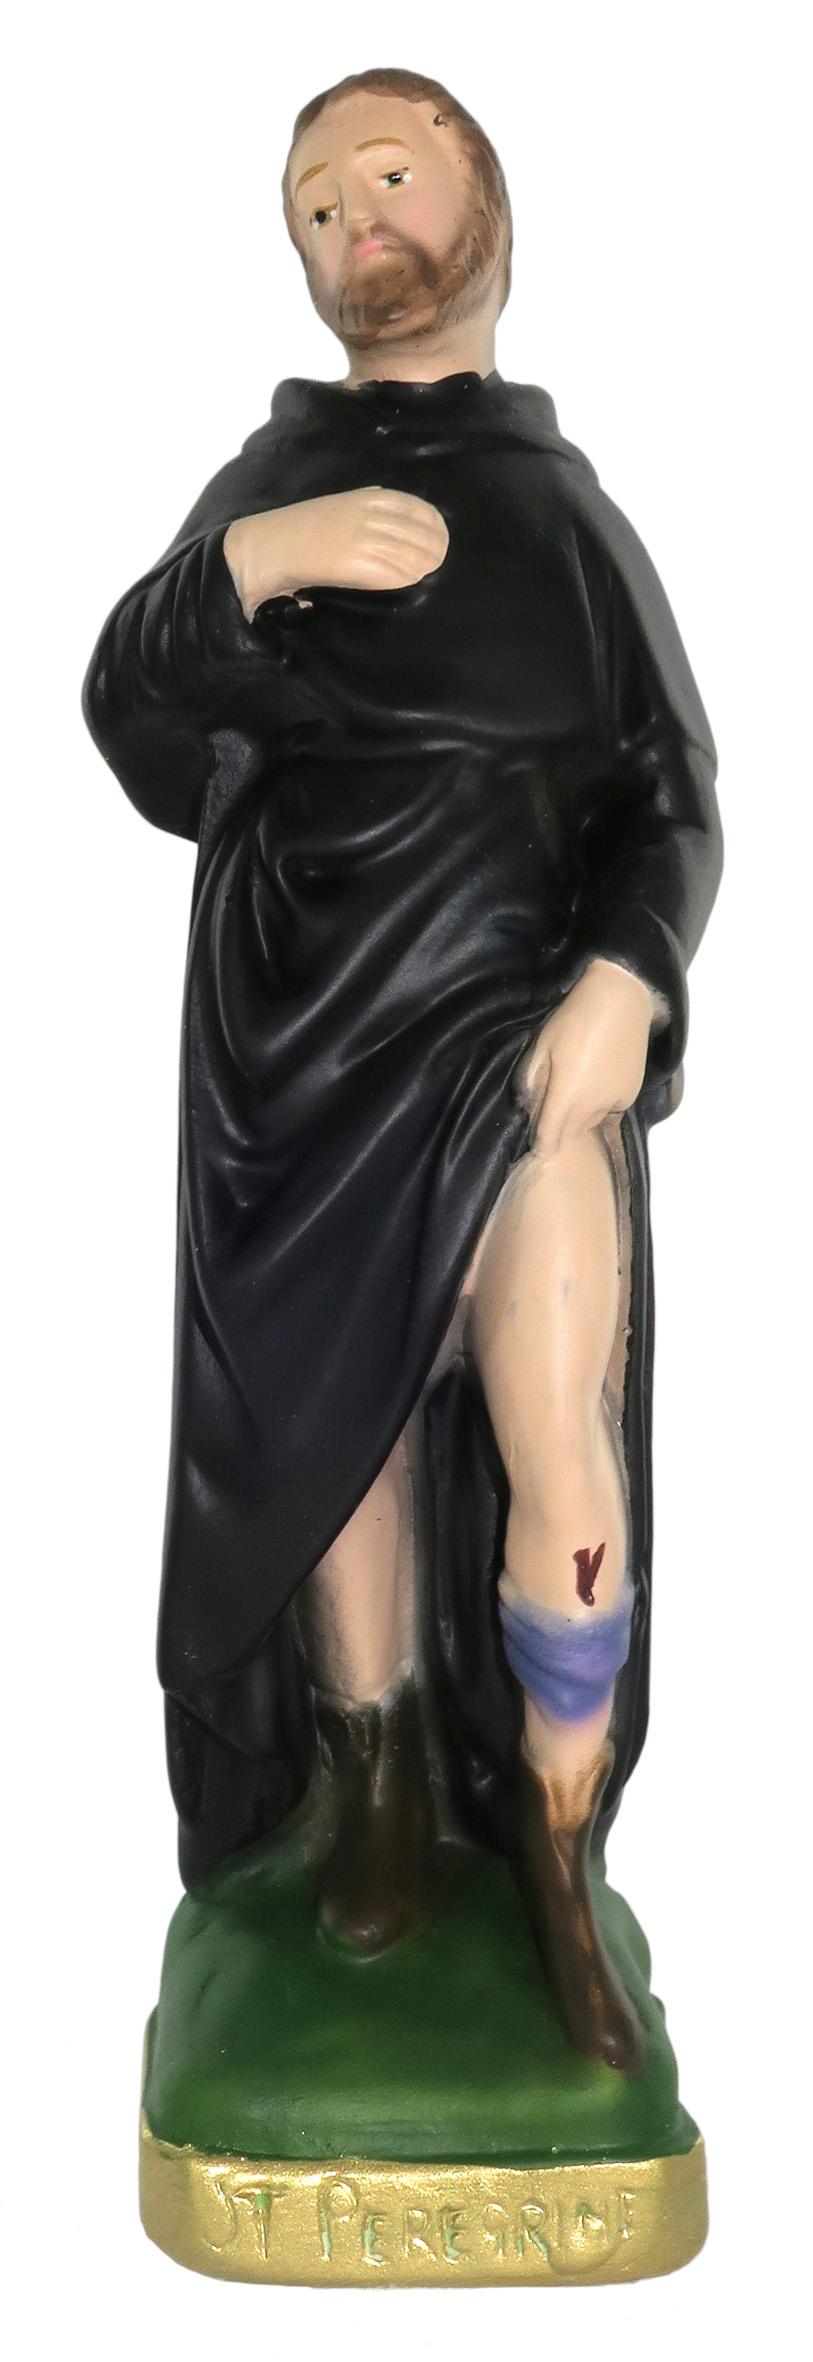 Ferrari /& Arrighetti Statua Santi Cosma e Damiano in Gesso Dipinta a Mano 20 cm